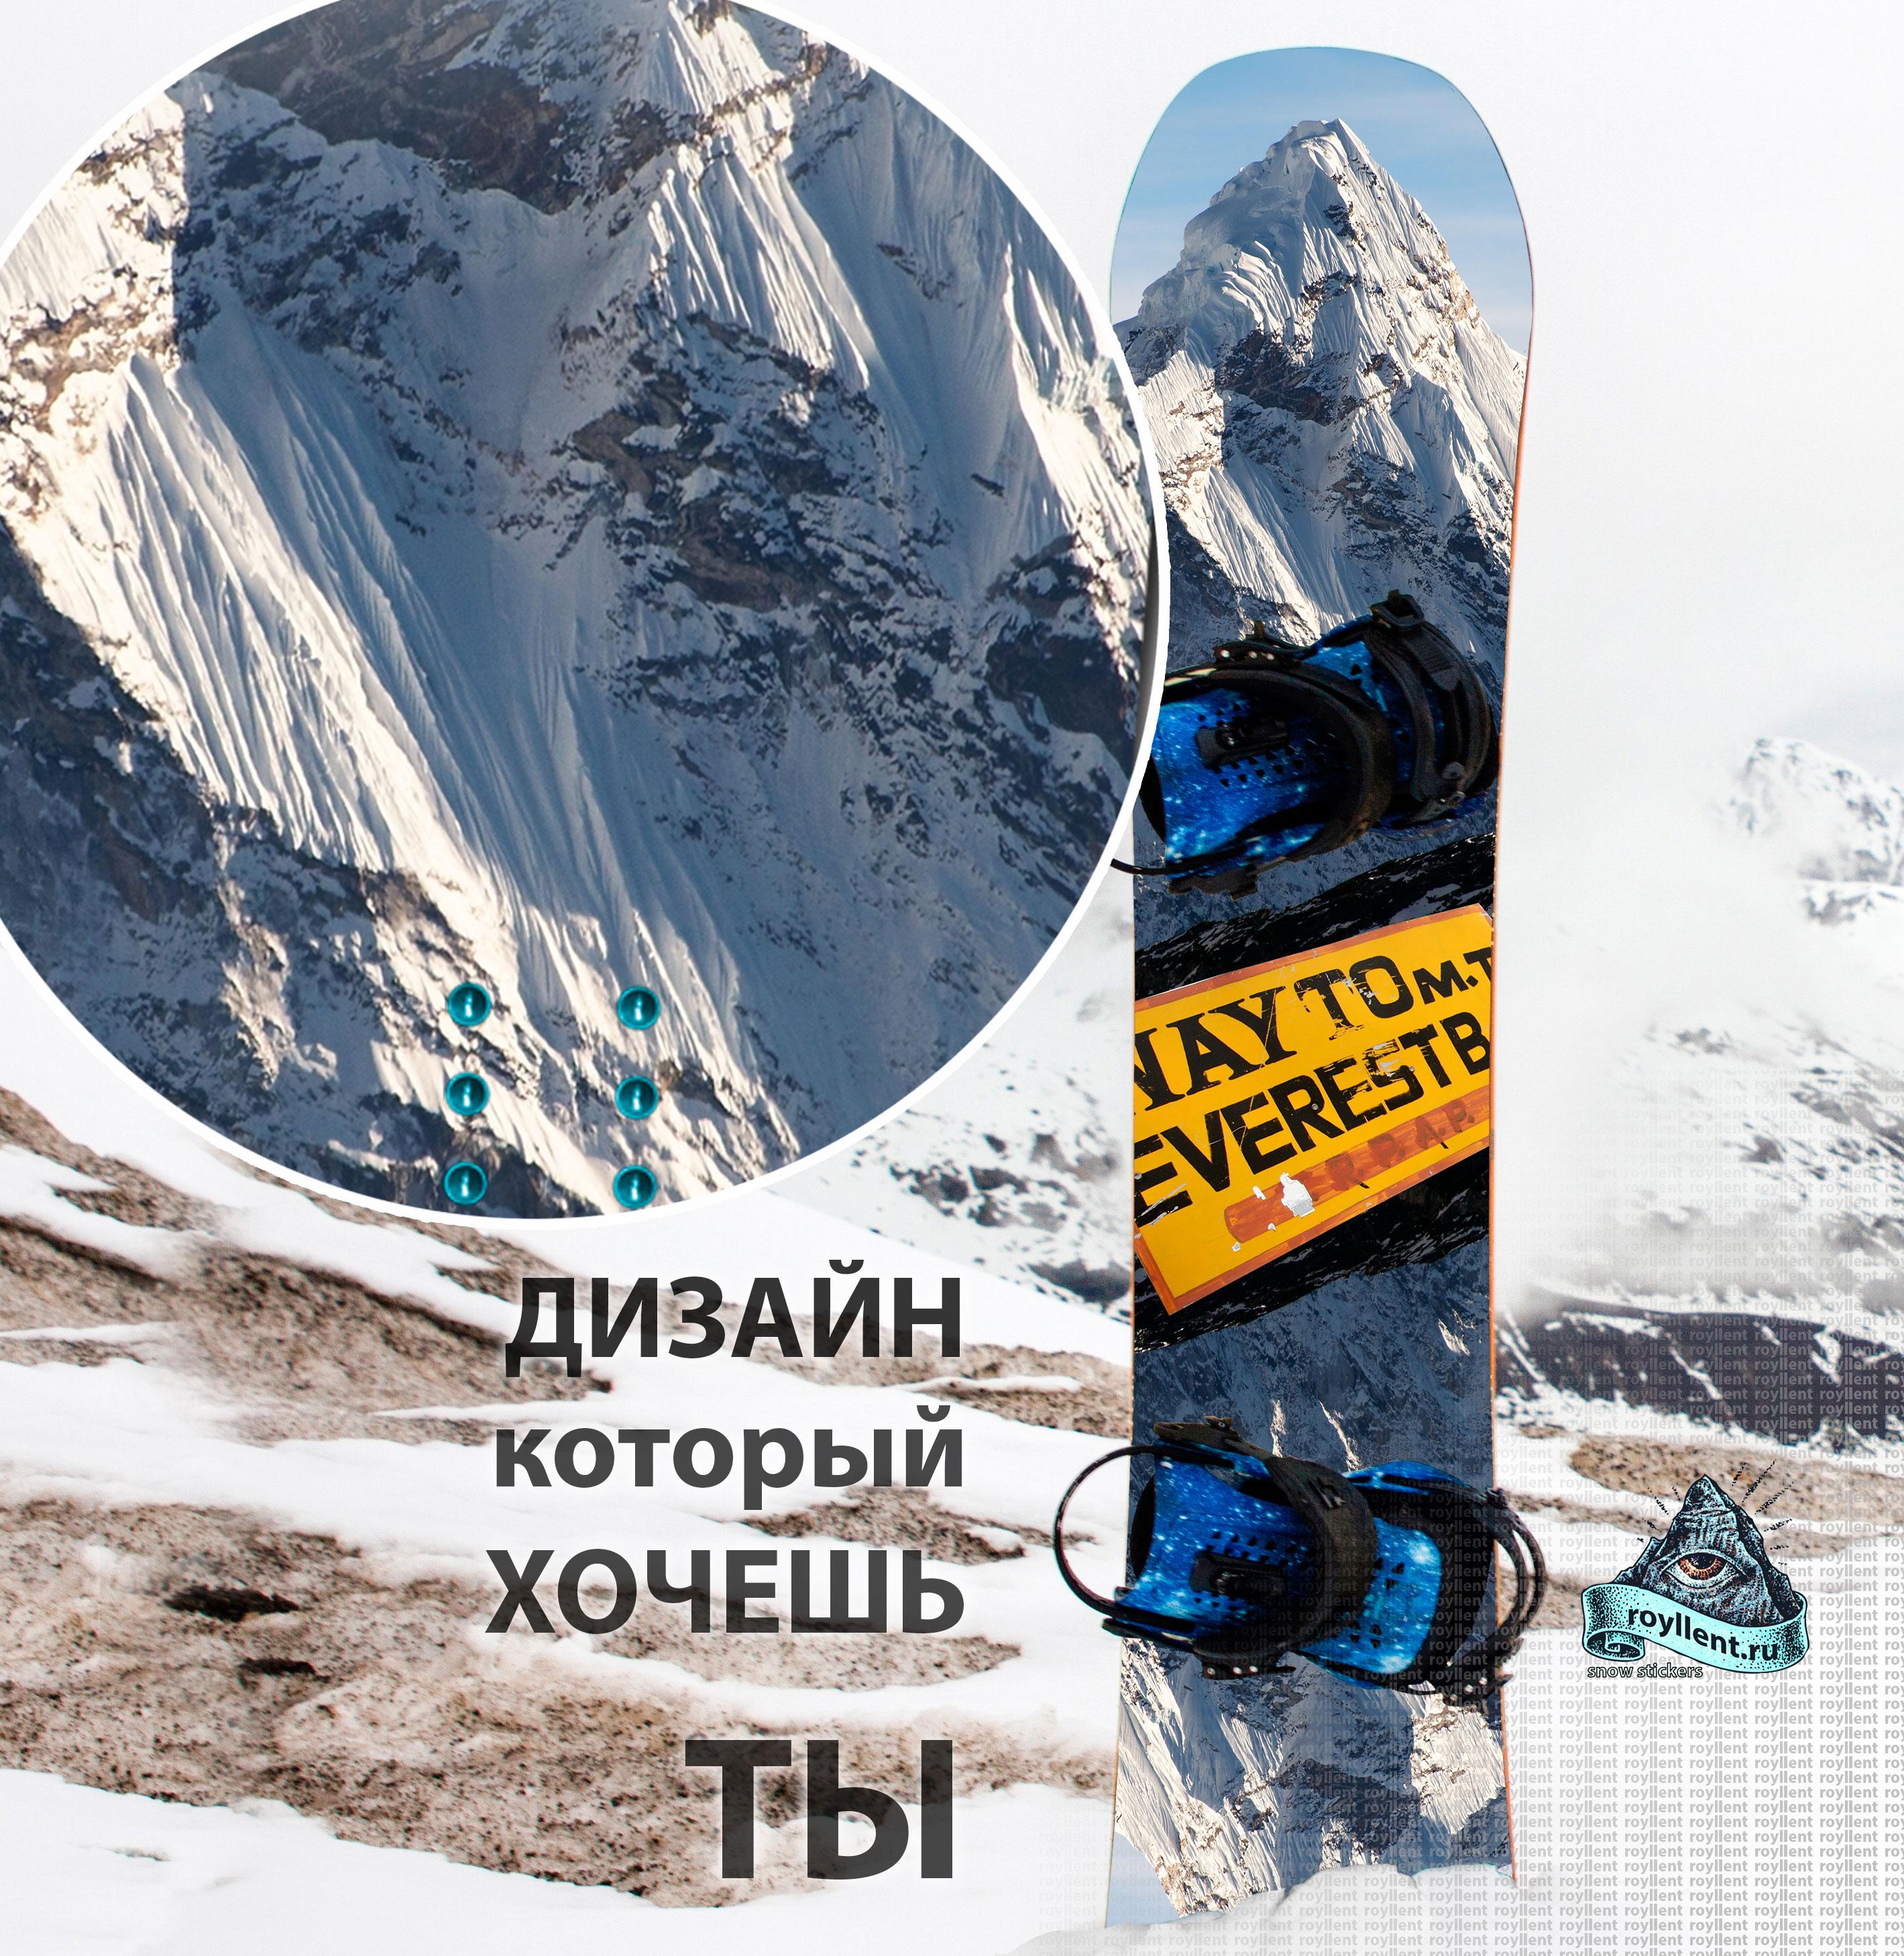 Наклейка на снуобор гора everest